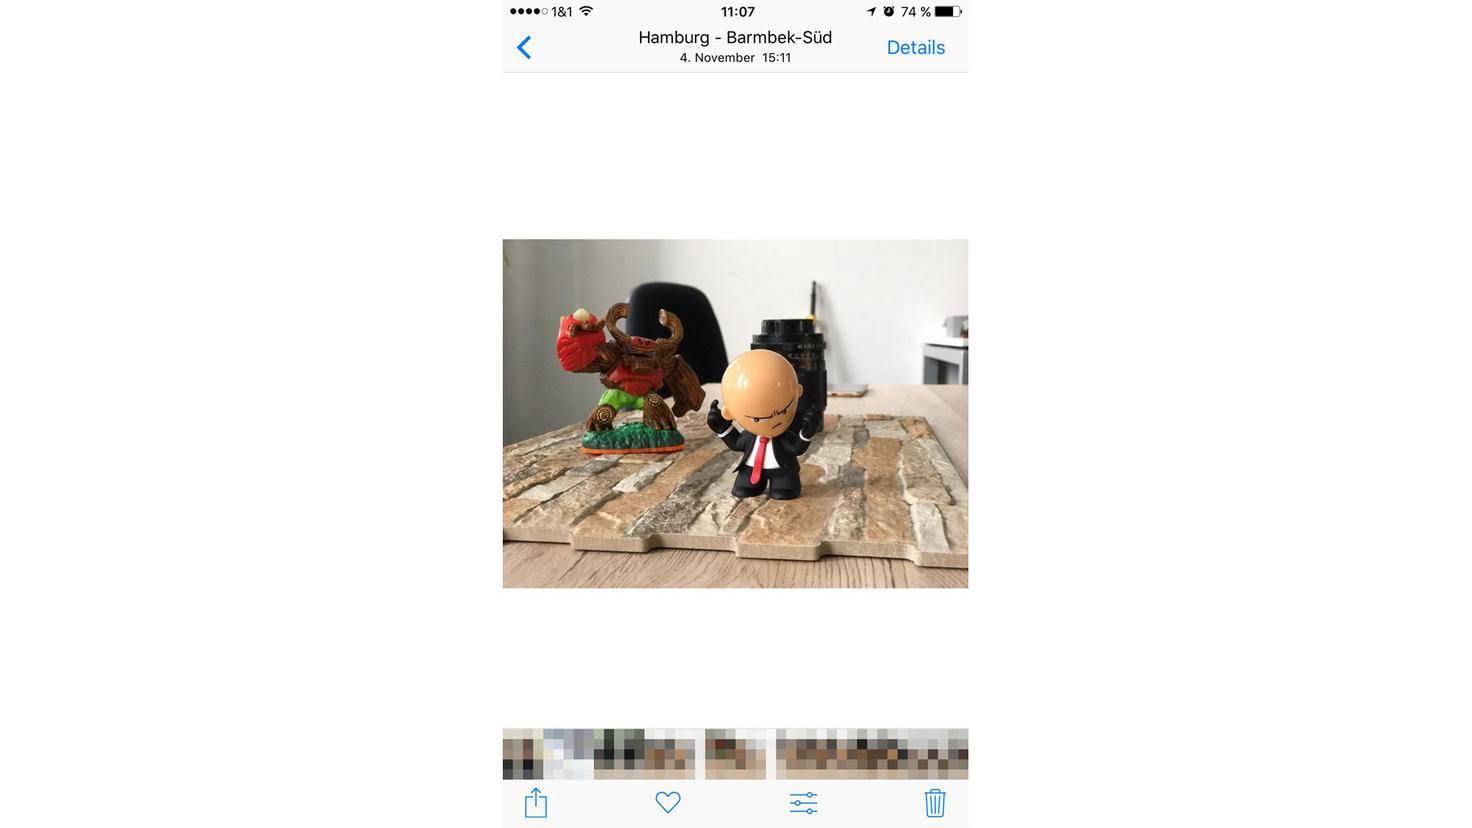 Fotos Verstecken Iphone